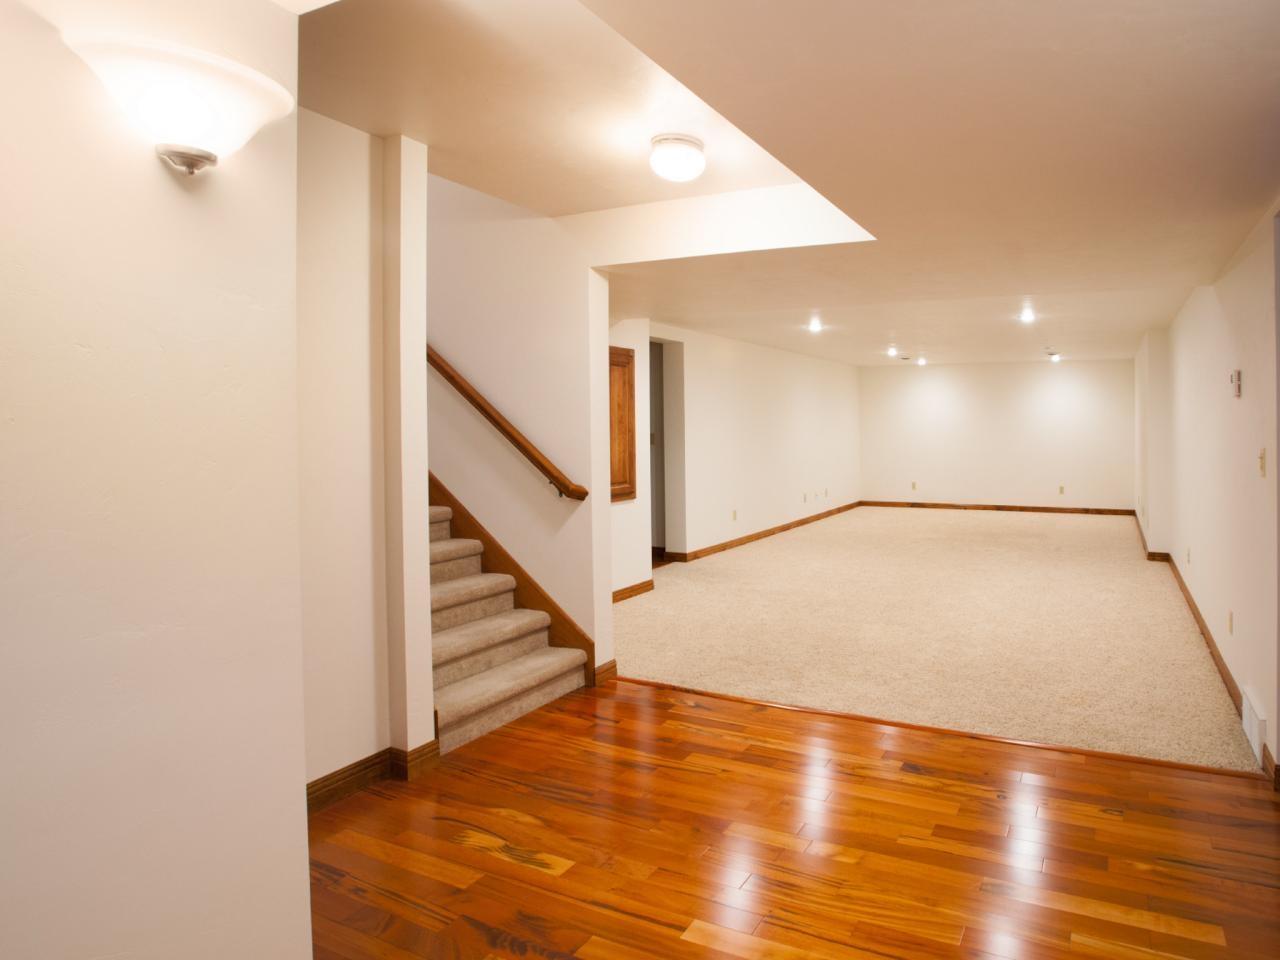 Best Flooring Options For A Wet Basement